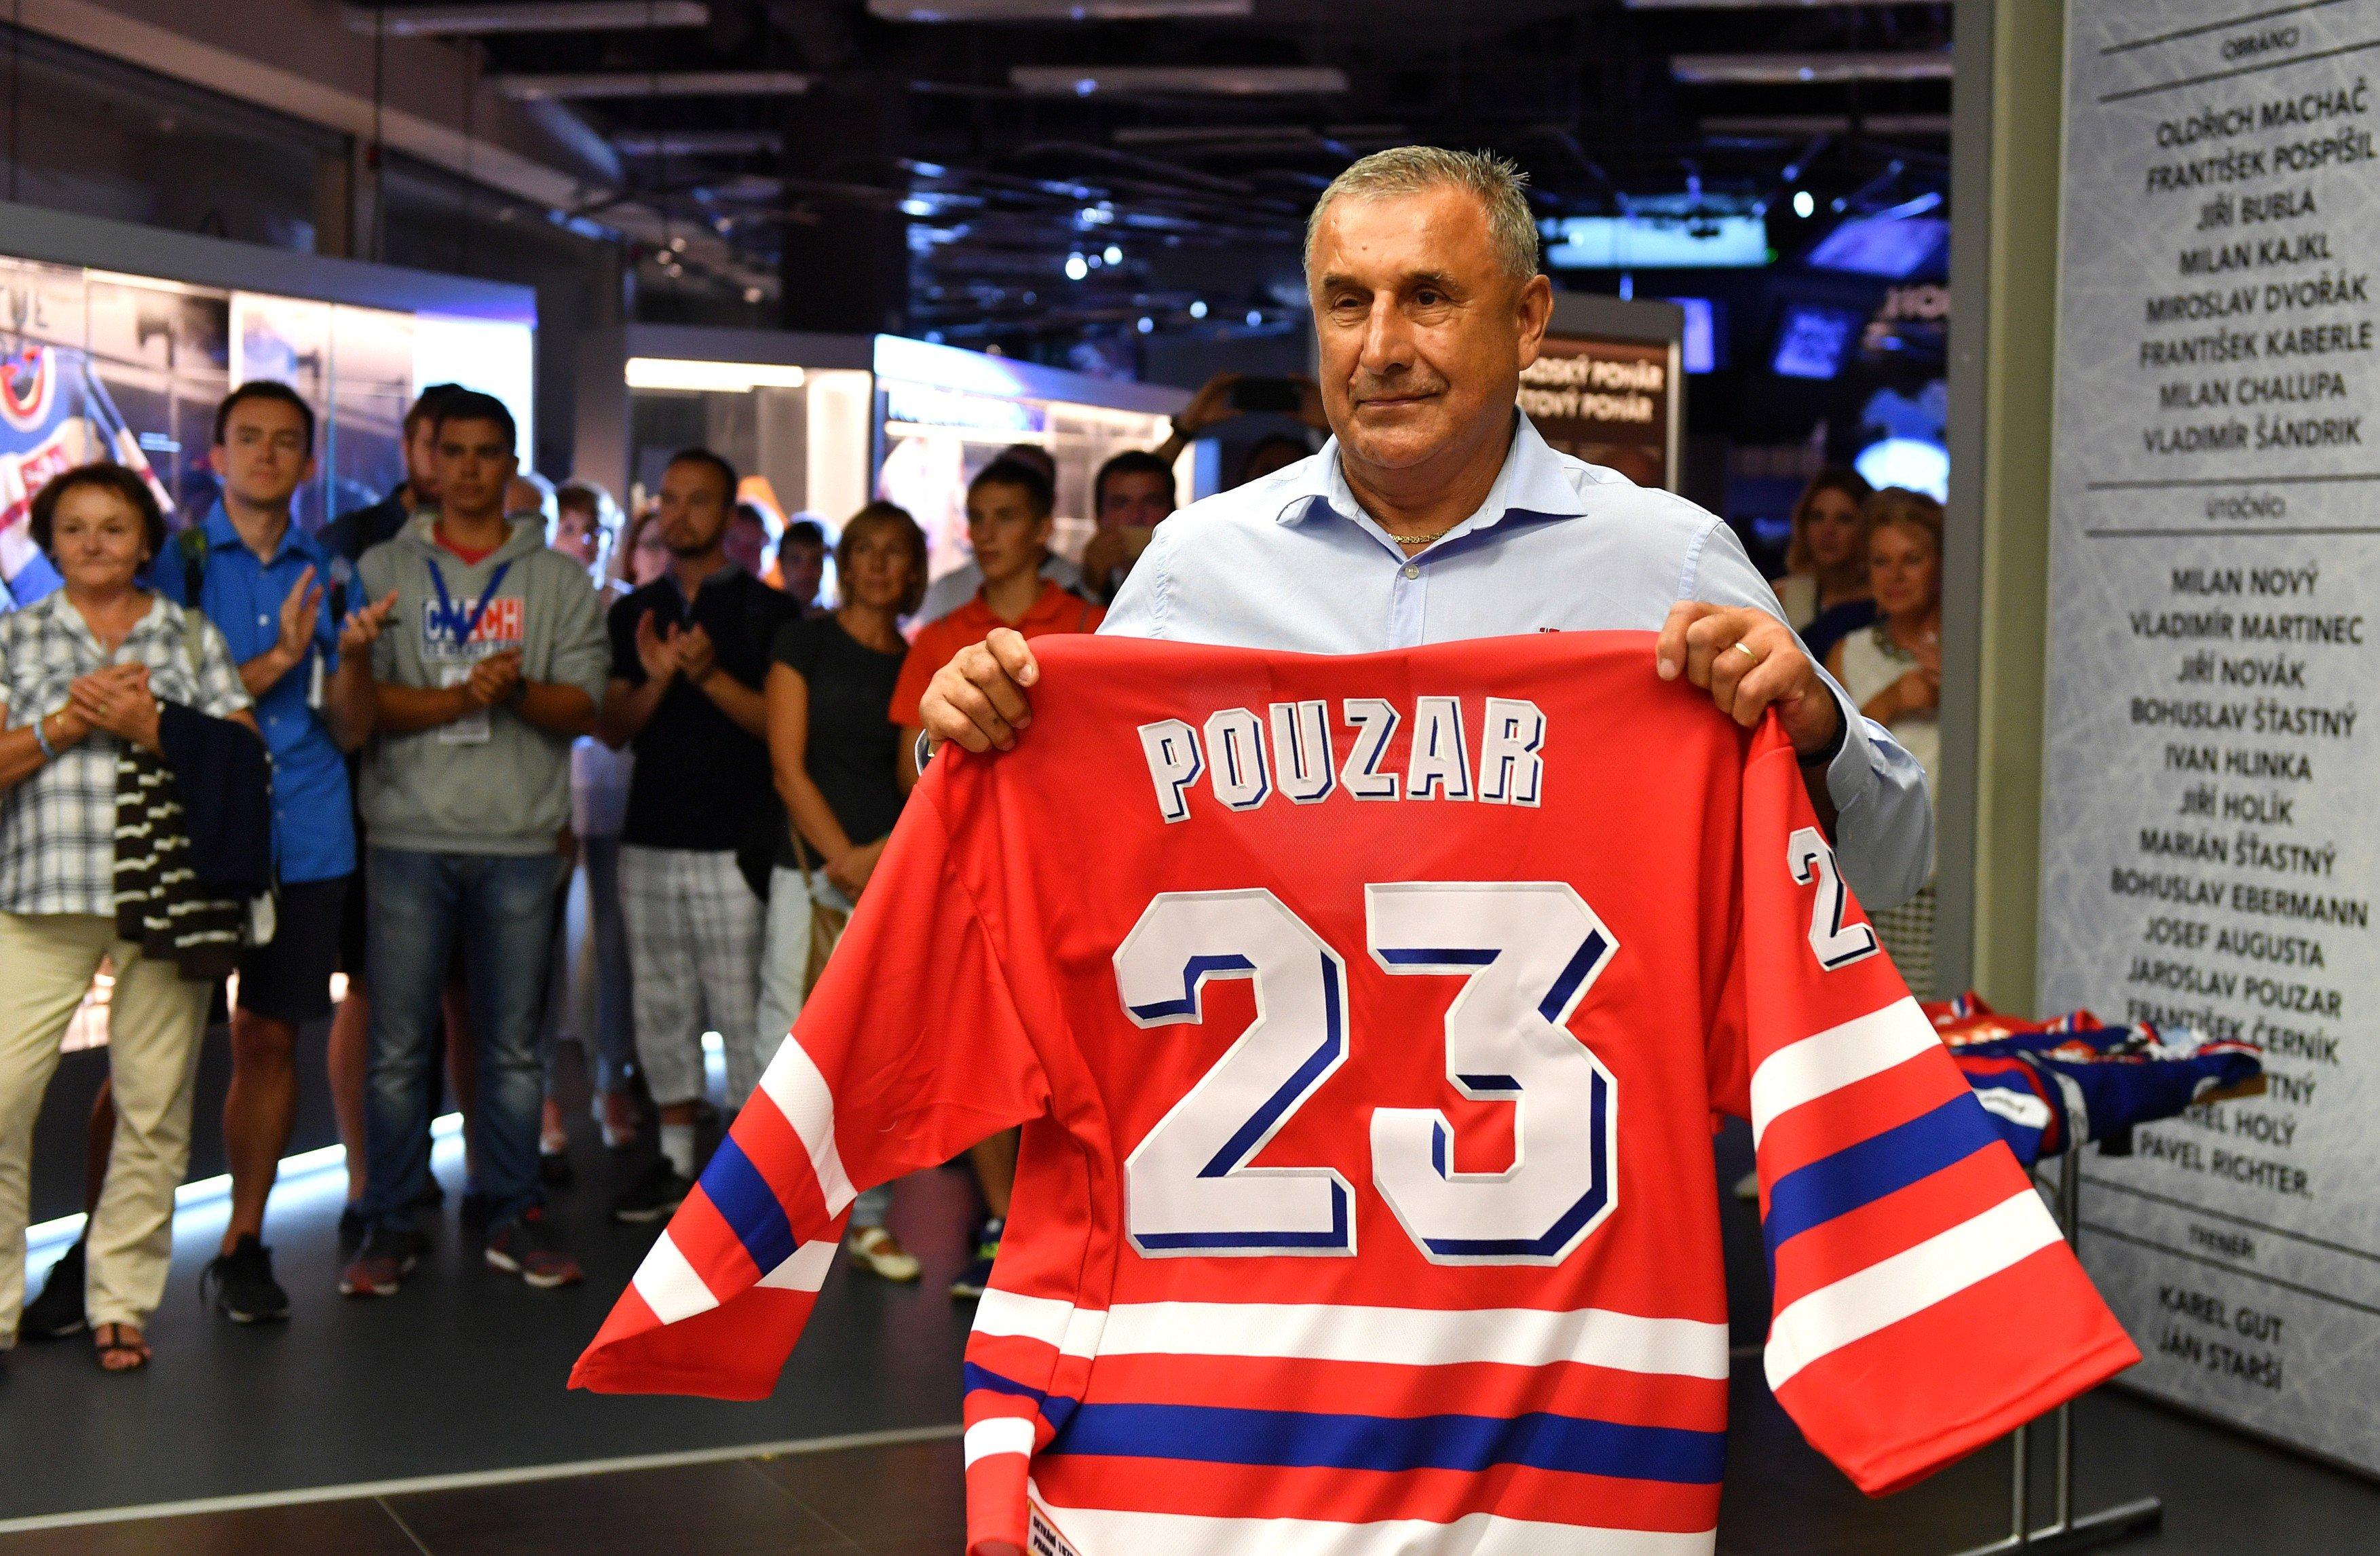 Jaroslav Pouzar při setkání bývalých československých hokejových reprezentantů, kteří se v roce 1976 stali se mistry světa a získali stříbrné medaile na olympijských hrách